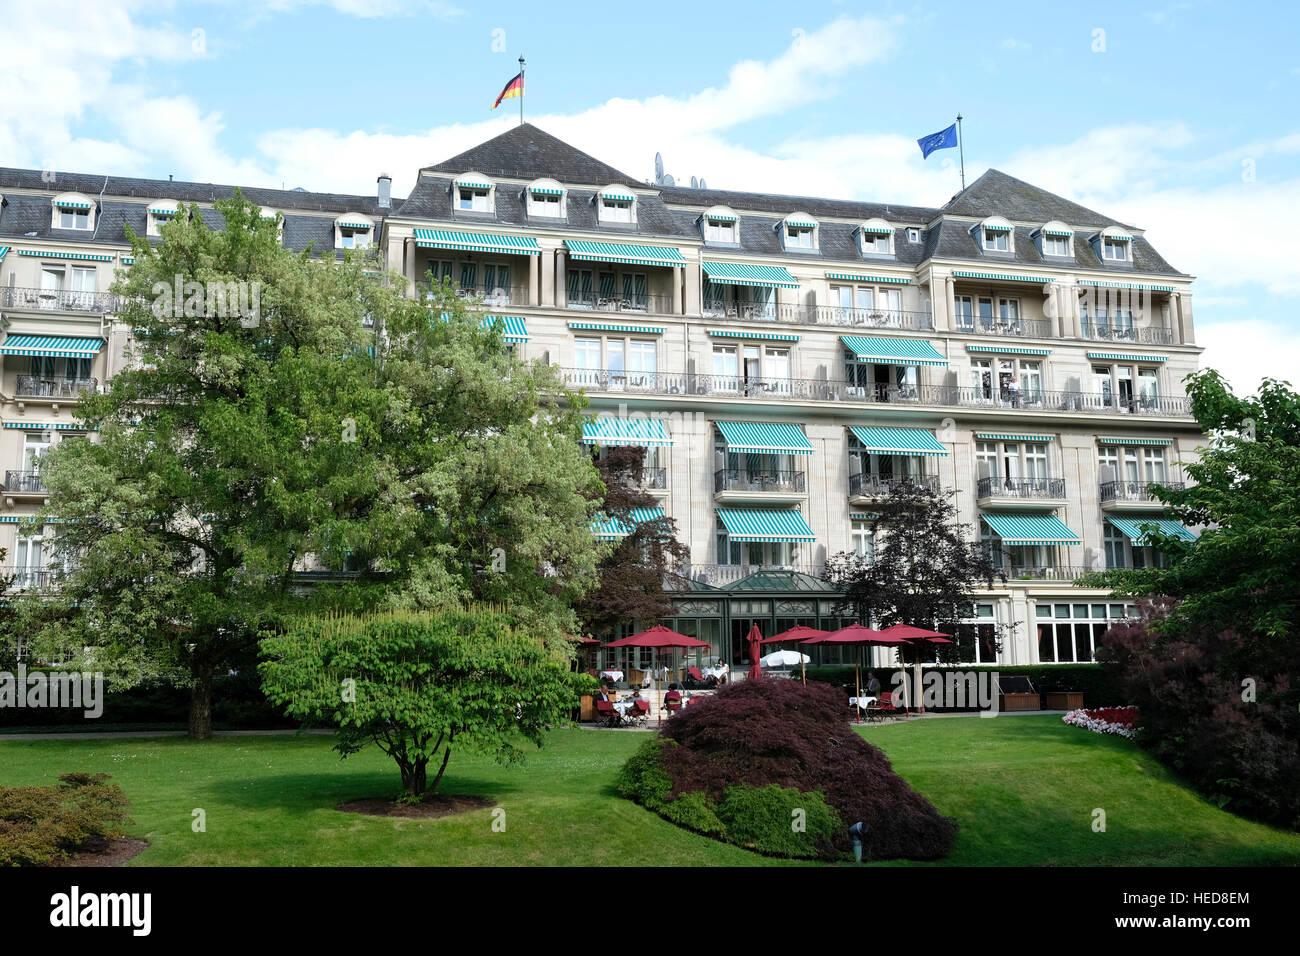 Gala Hotels Deutschland